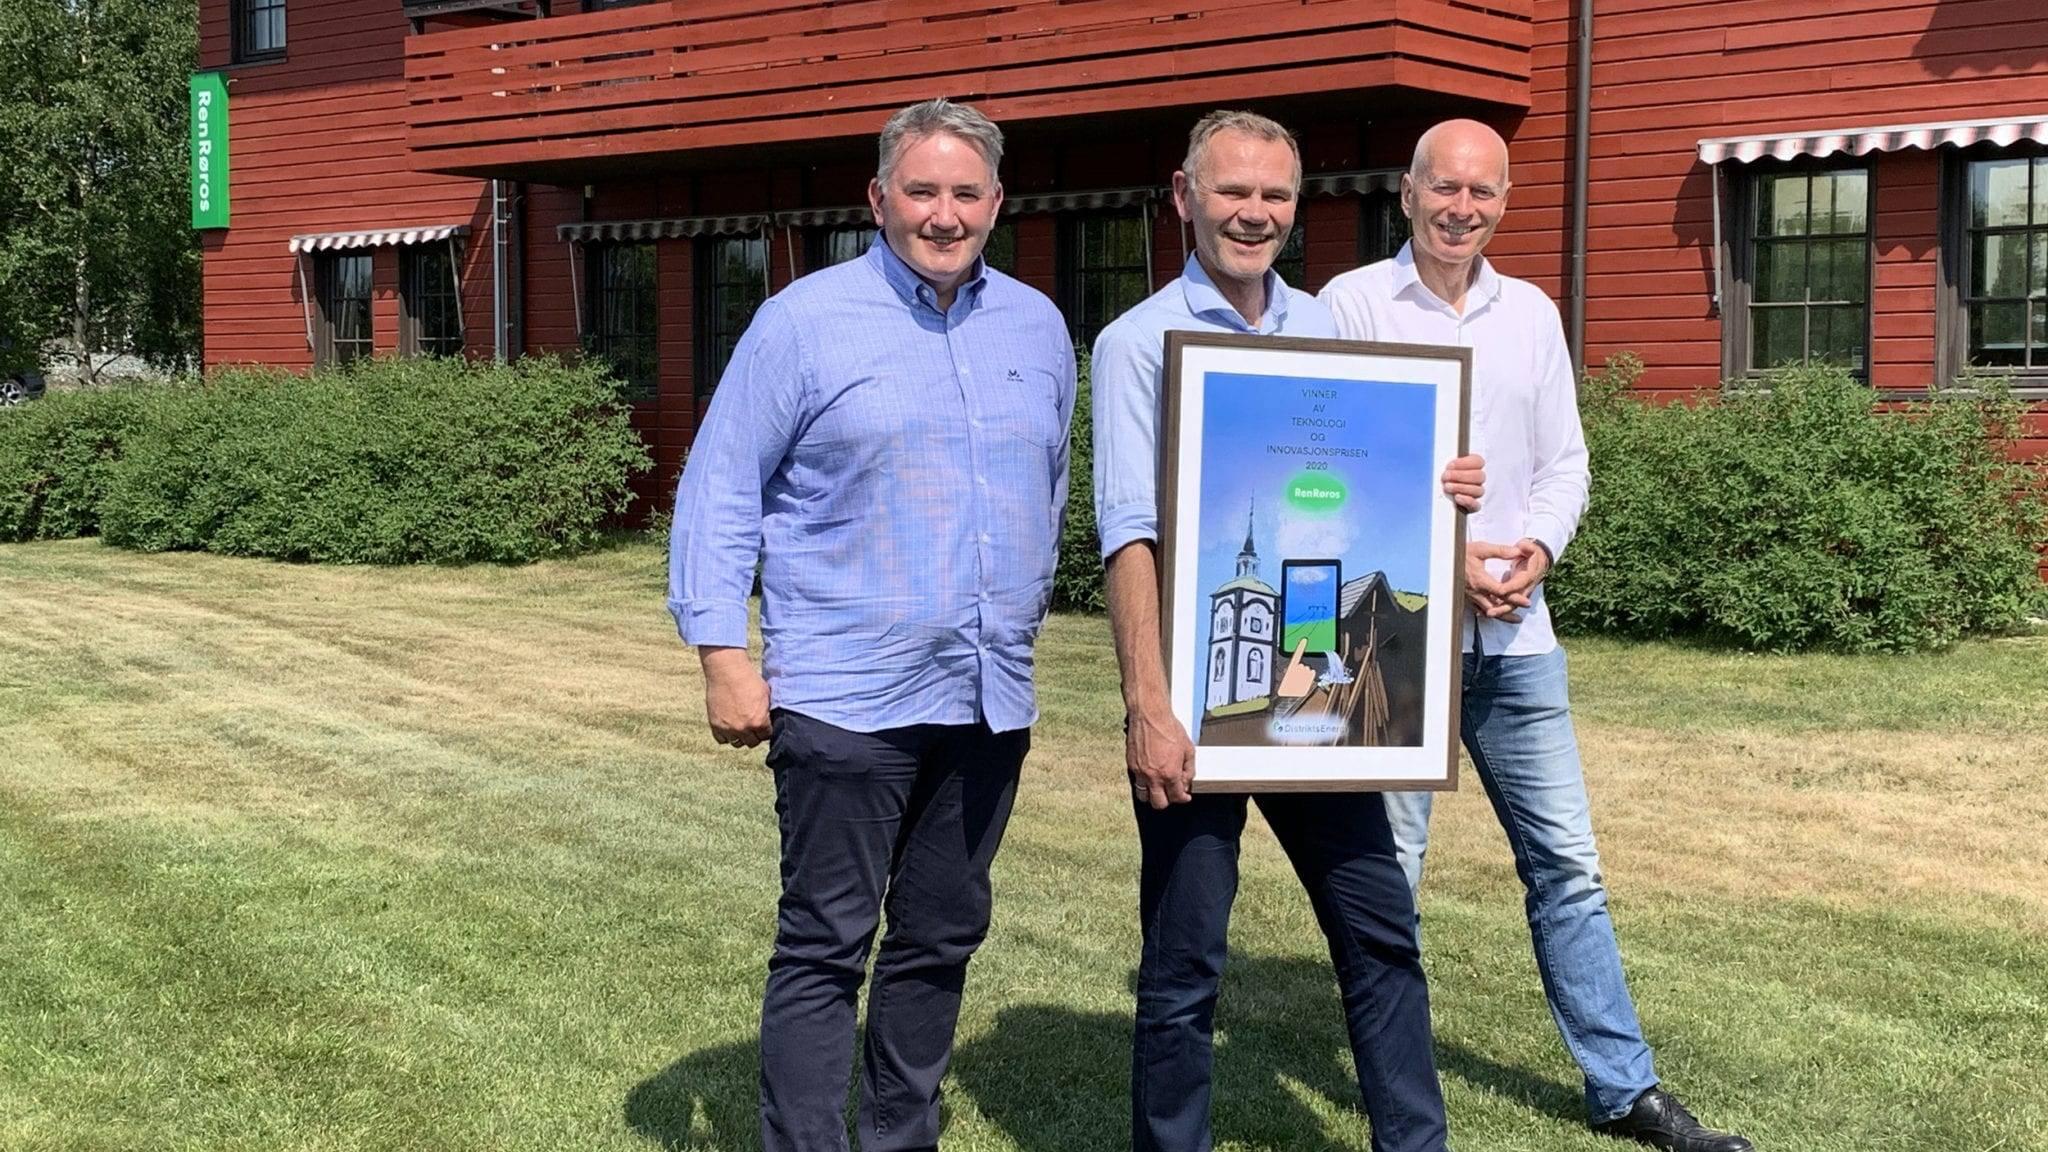 Administrerende direktør i Ren Røros as Arnt Sollie flankert av Tore O. Iversen, prosjektleder Green Flyway til venstre og Arvid Bekjorden, prisutdeler og rådgiver i DistriktsEnergi til høyre. Foto: Ren Røros Frontal.